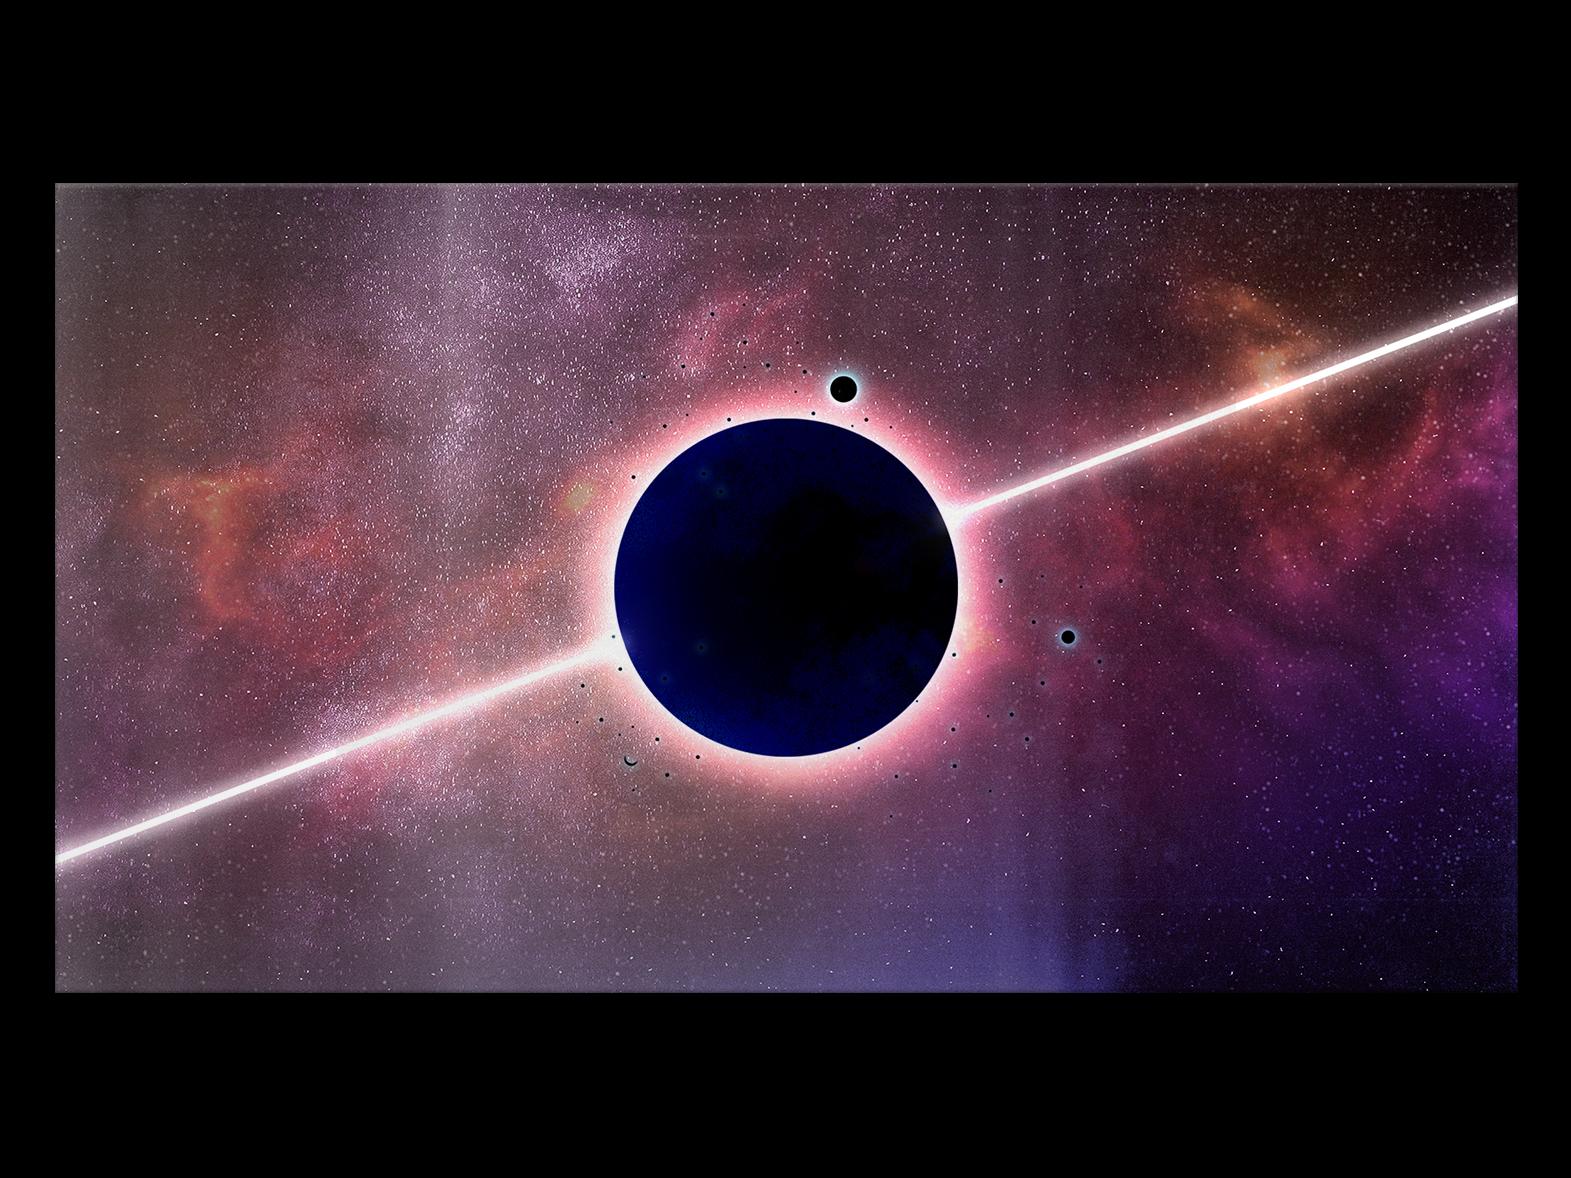 αστρικό ουρανό ΙΙ calm photoshop stars black neon space light geometry gradiant abstract album cover design album cover album artwork album art album color illustration design lachute